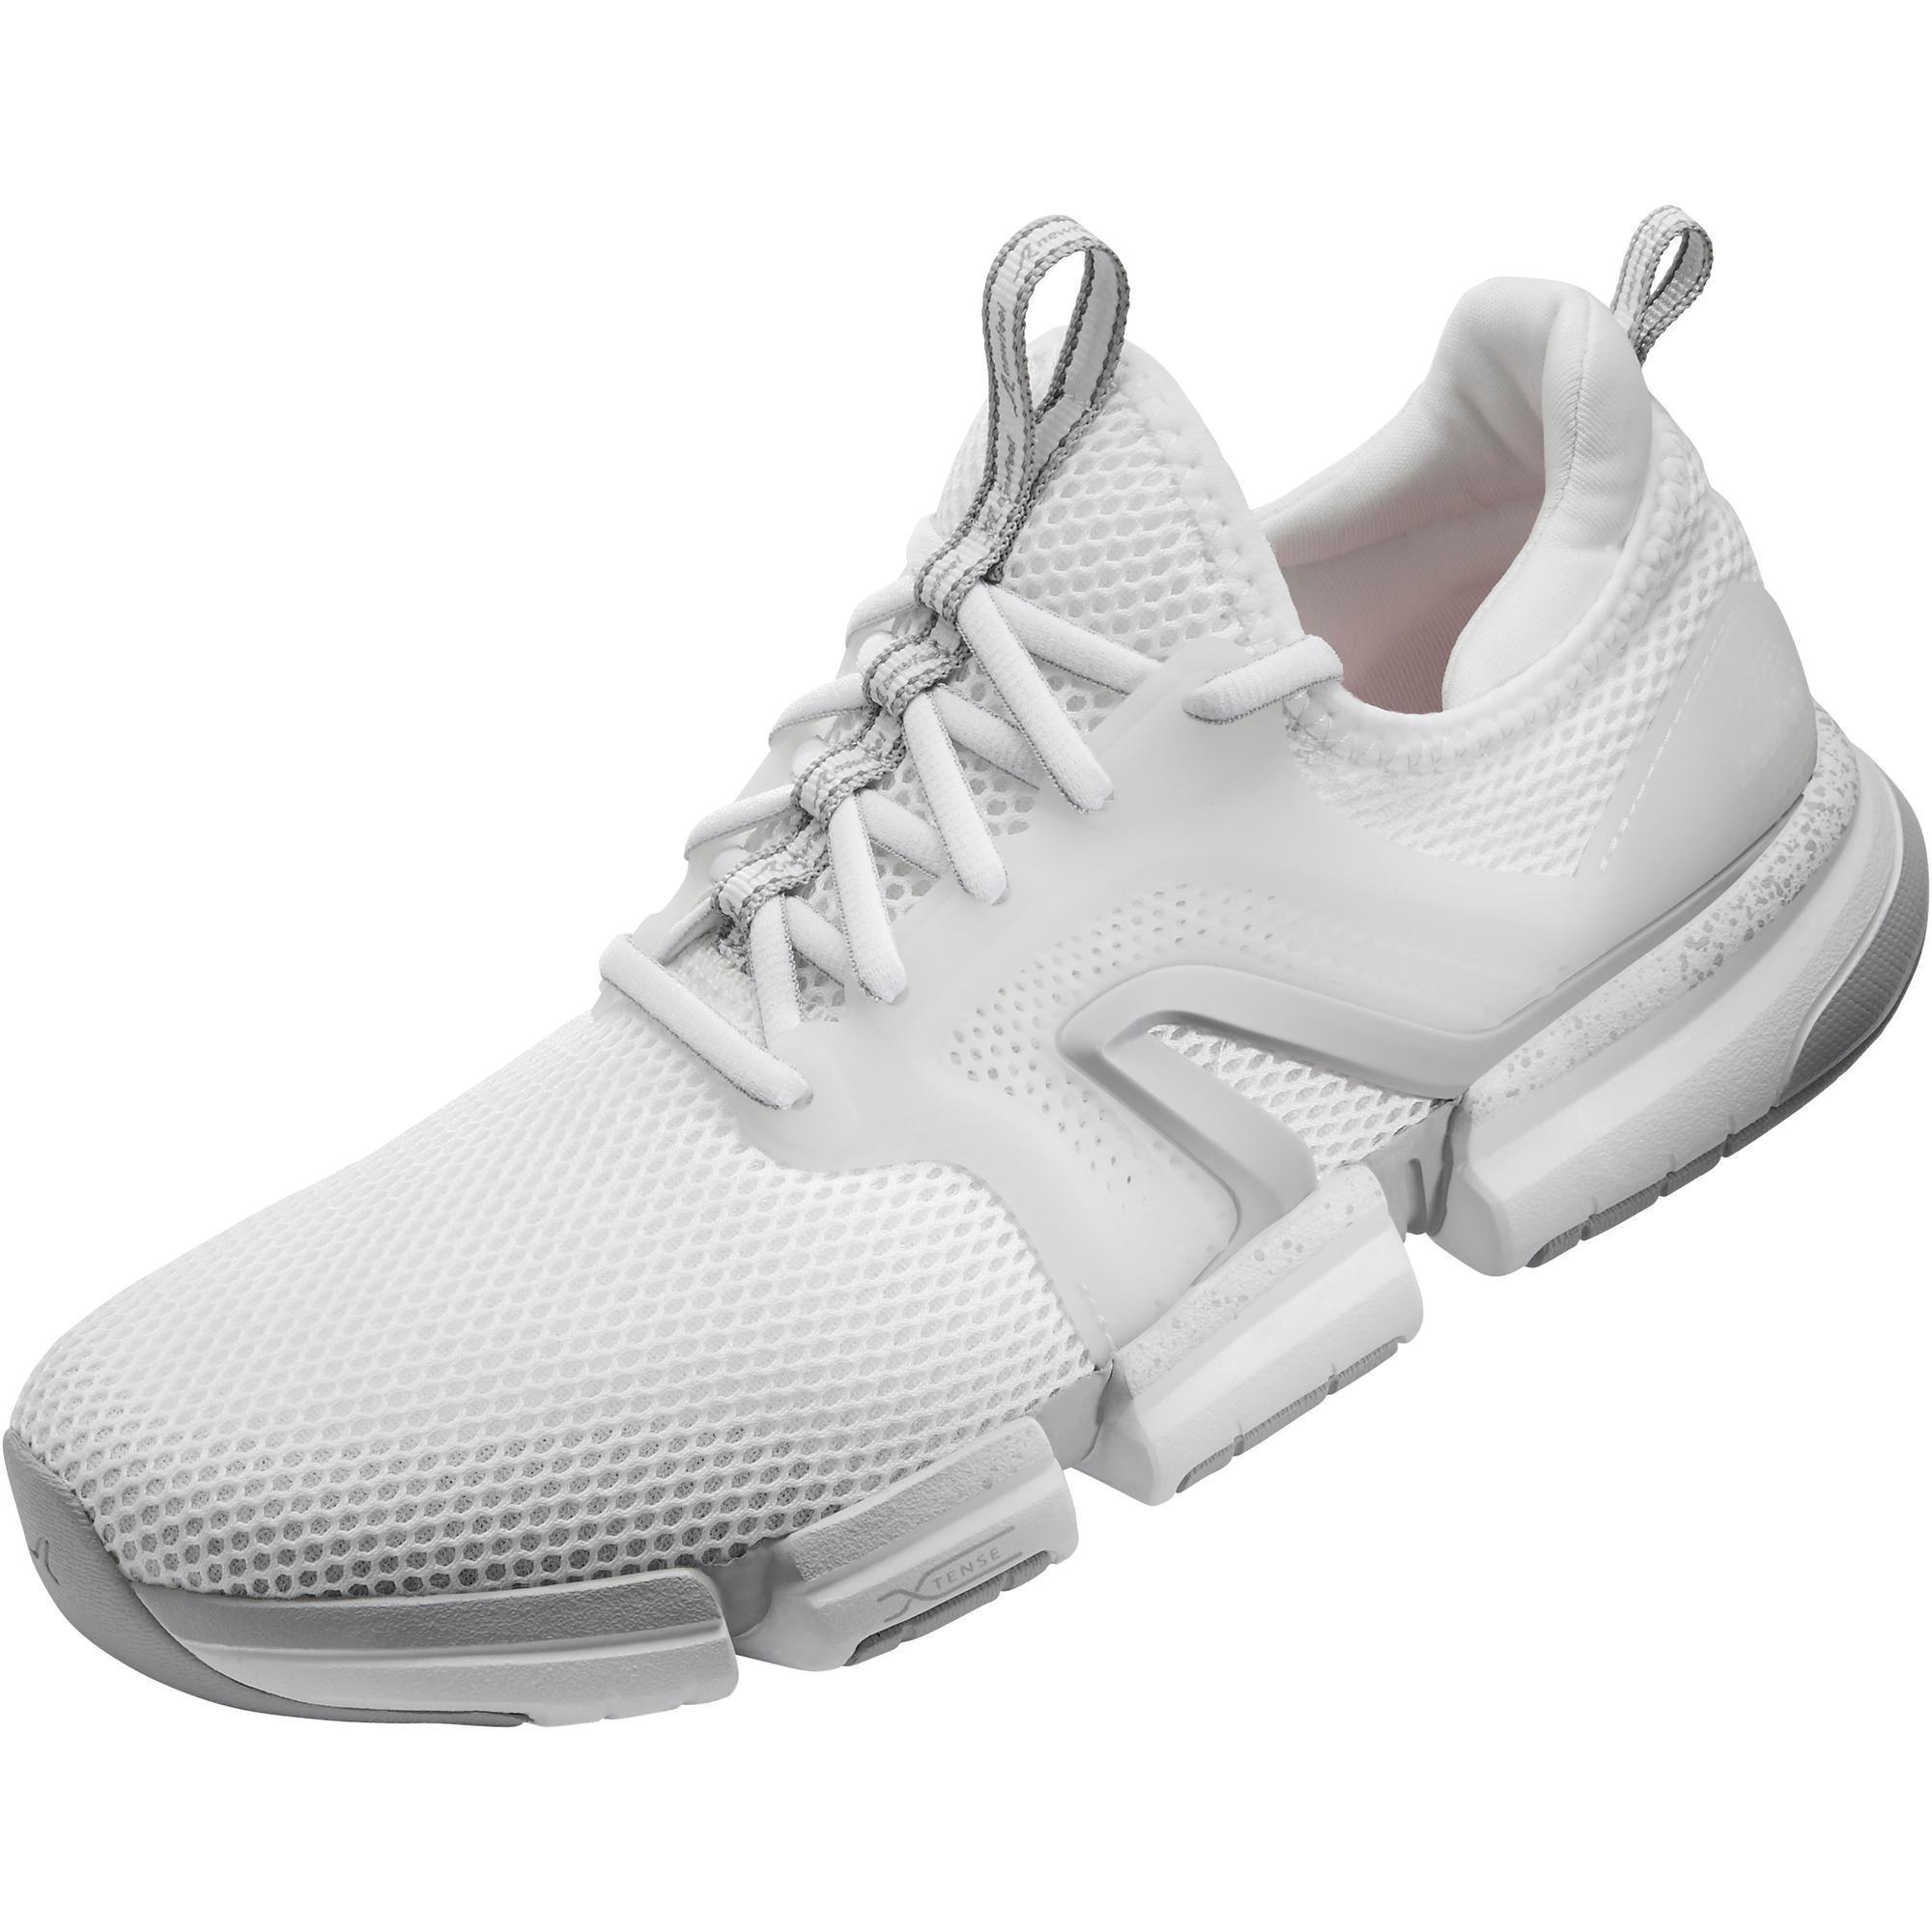 Women's Fitness Walking Shoes PW 590